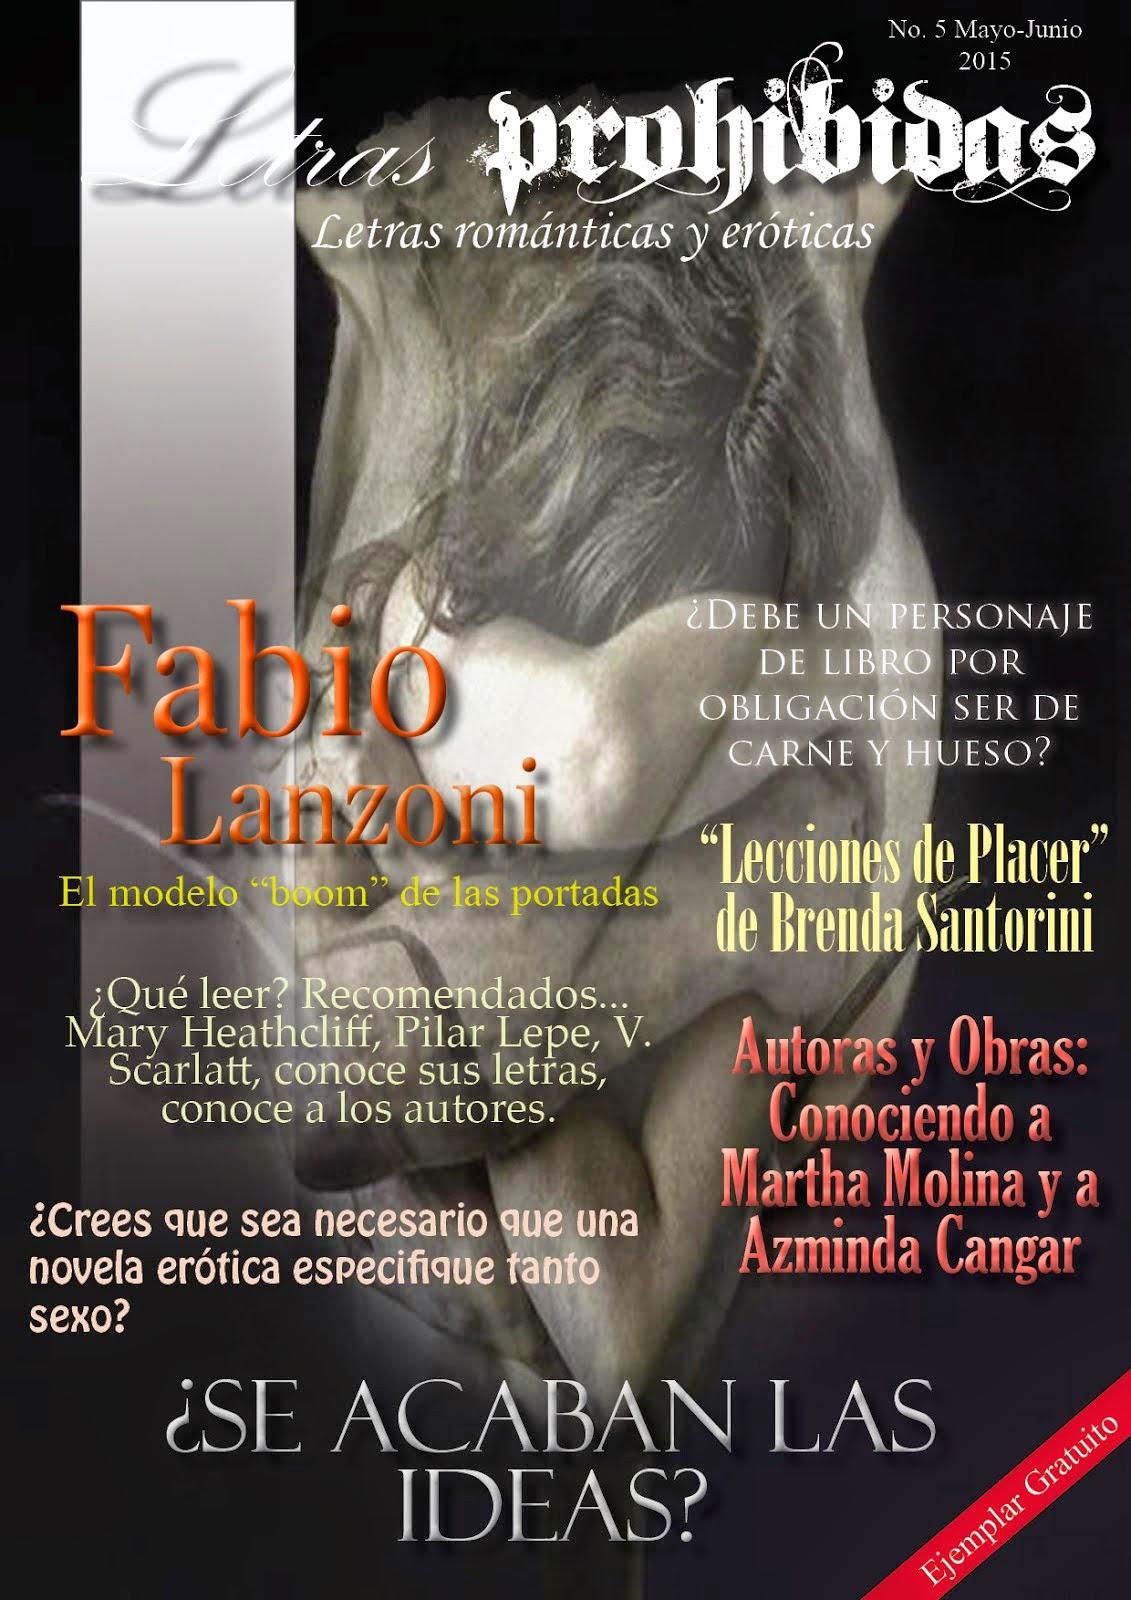 Edición Mayo-Junio 2015